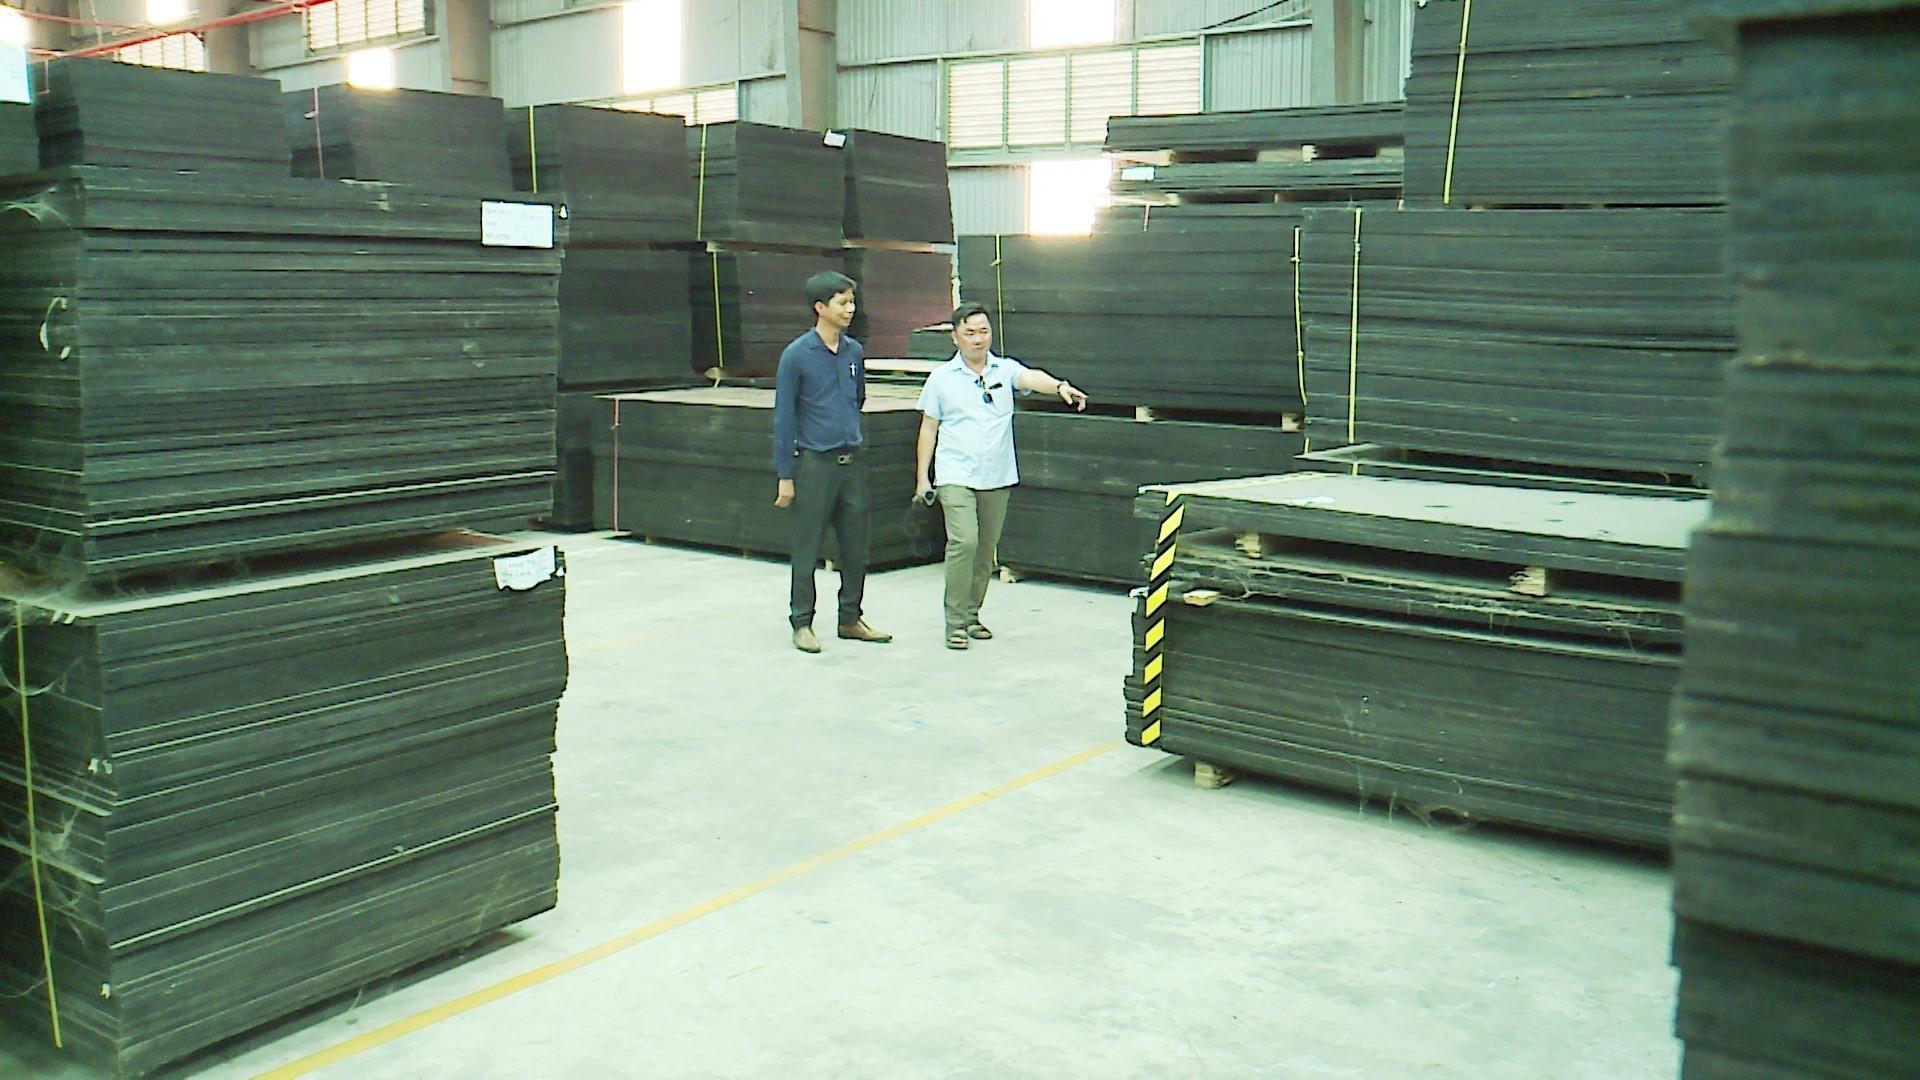 Hàng ngàn tấm ván phủ phim của công ty Cổ phần Gỗ Công nghiệp Quảng Nam bị tồn kho. Ảnh: XUÂN LAM